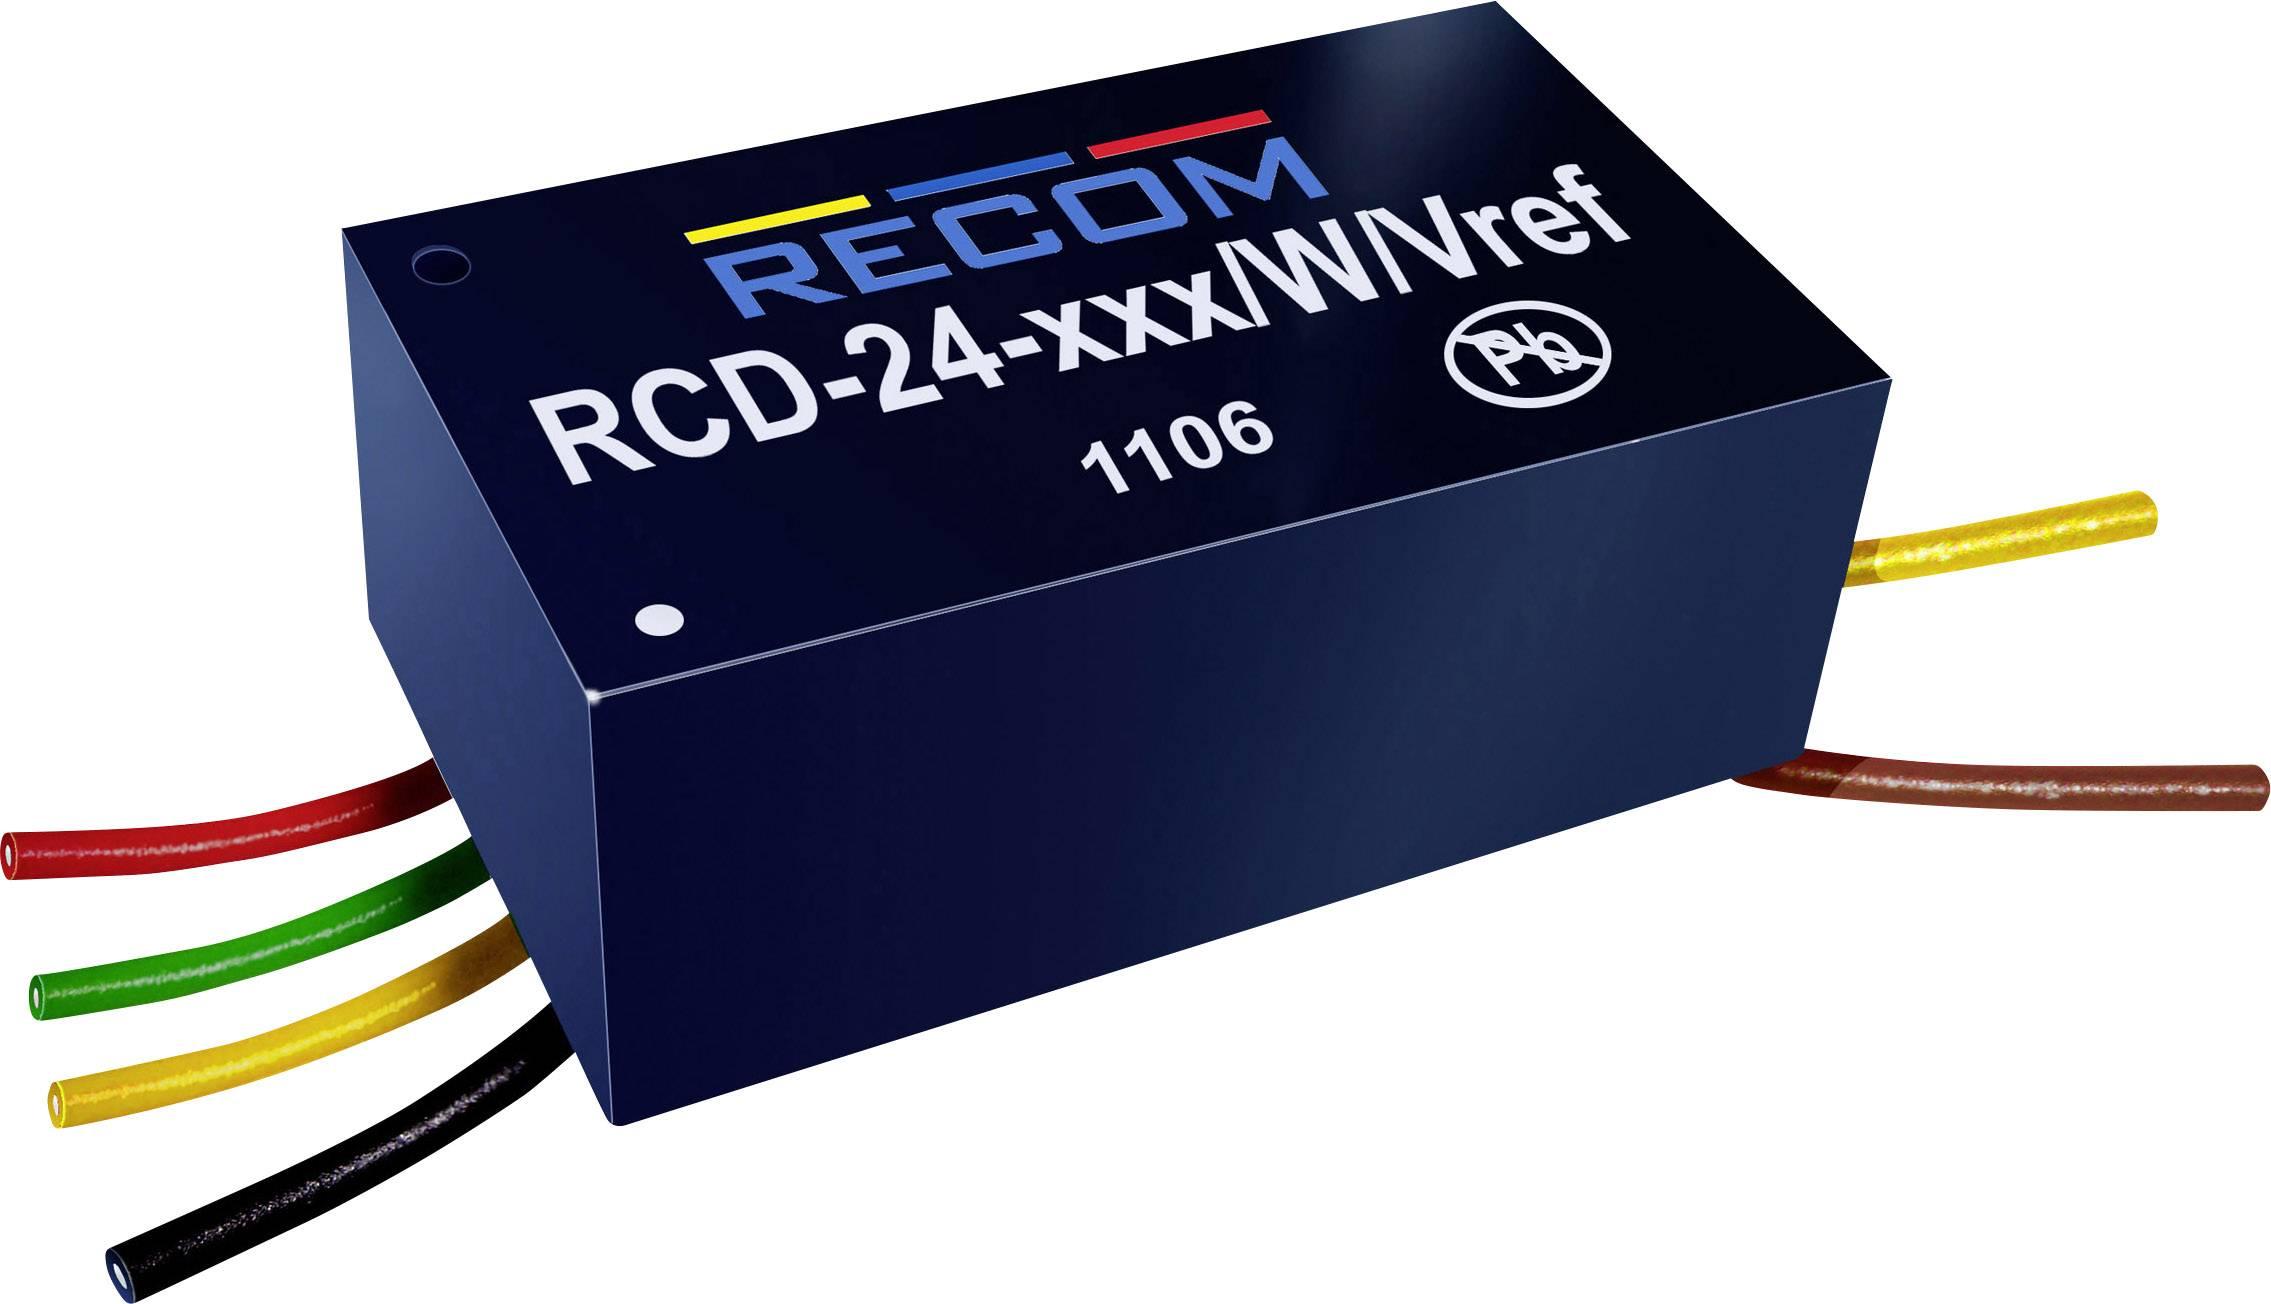 LED BUDIC SÉRIE RCD RCD-24-0. 0,25 mm